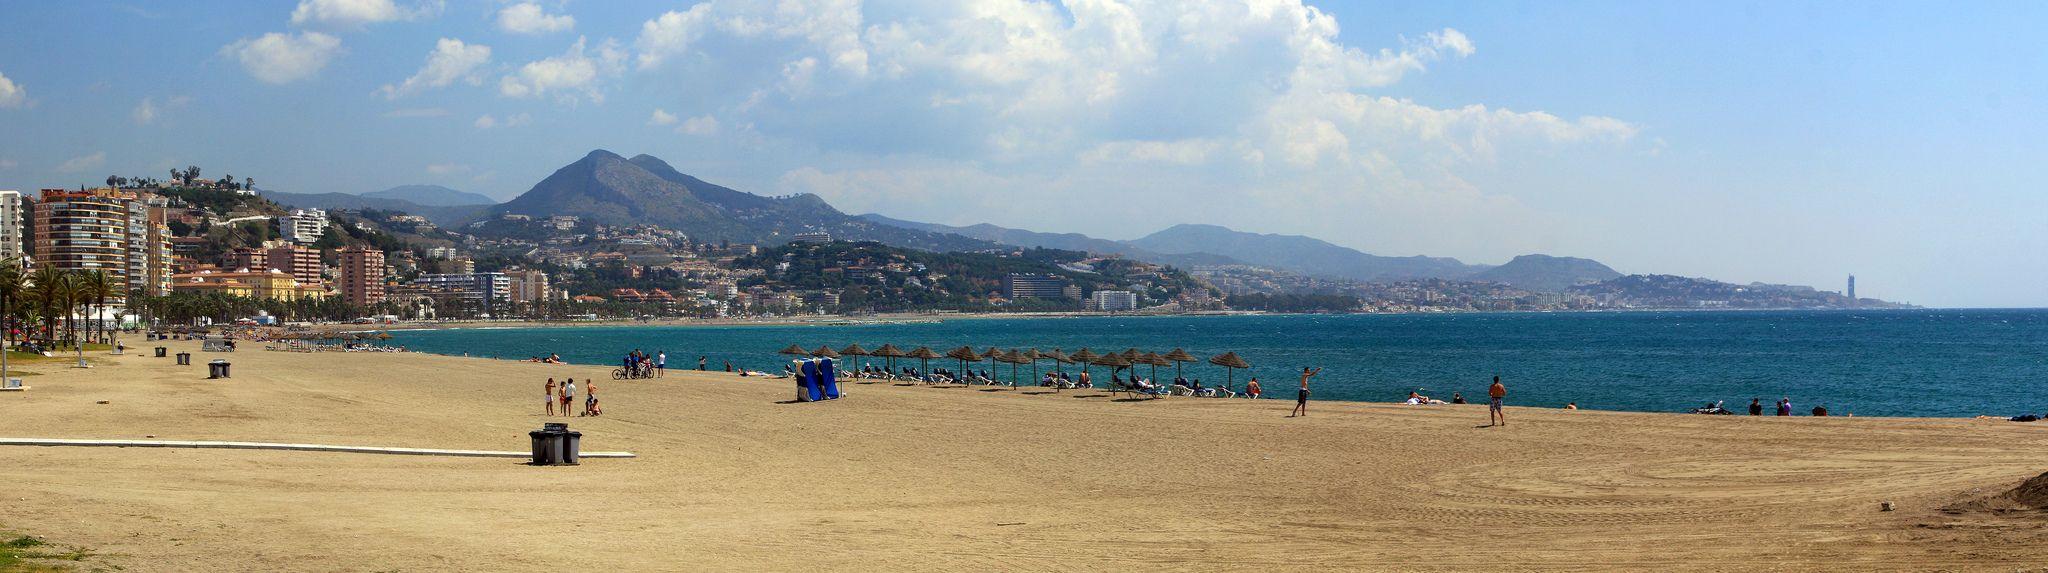 Malaga Malaga, Travel fun, Water